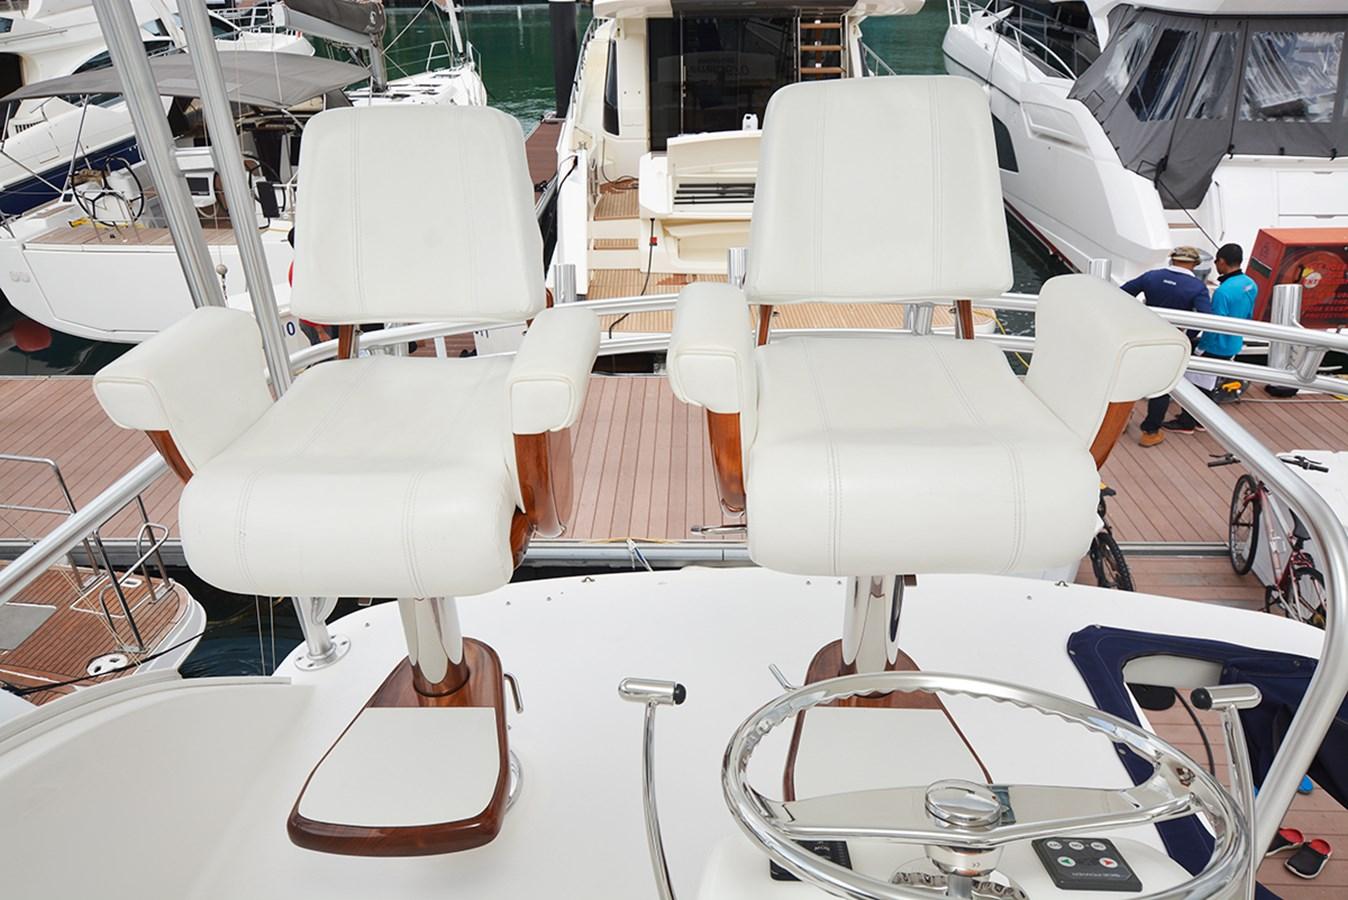 Helm-Chair1 2014 ALBEMARLE  Sport Fisherman 2813498